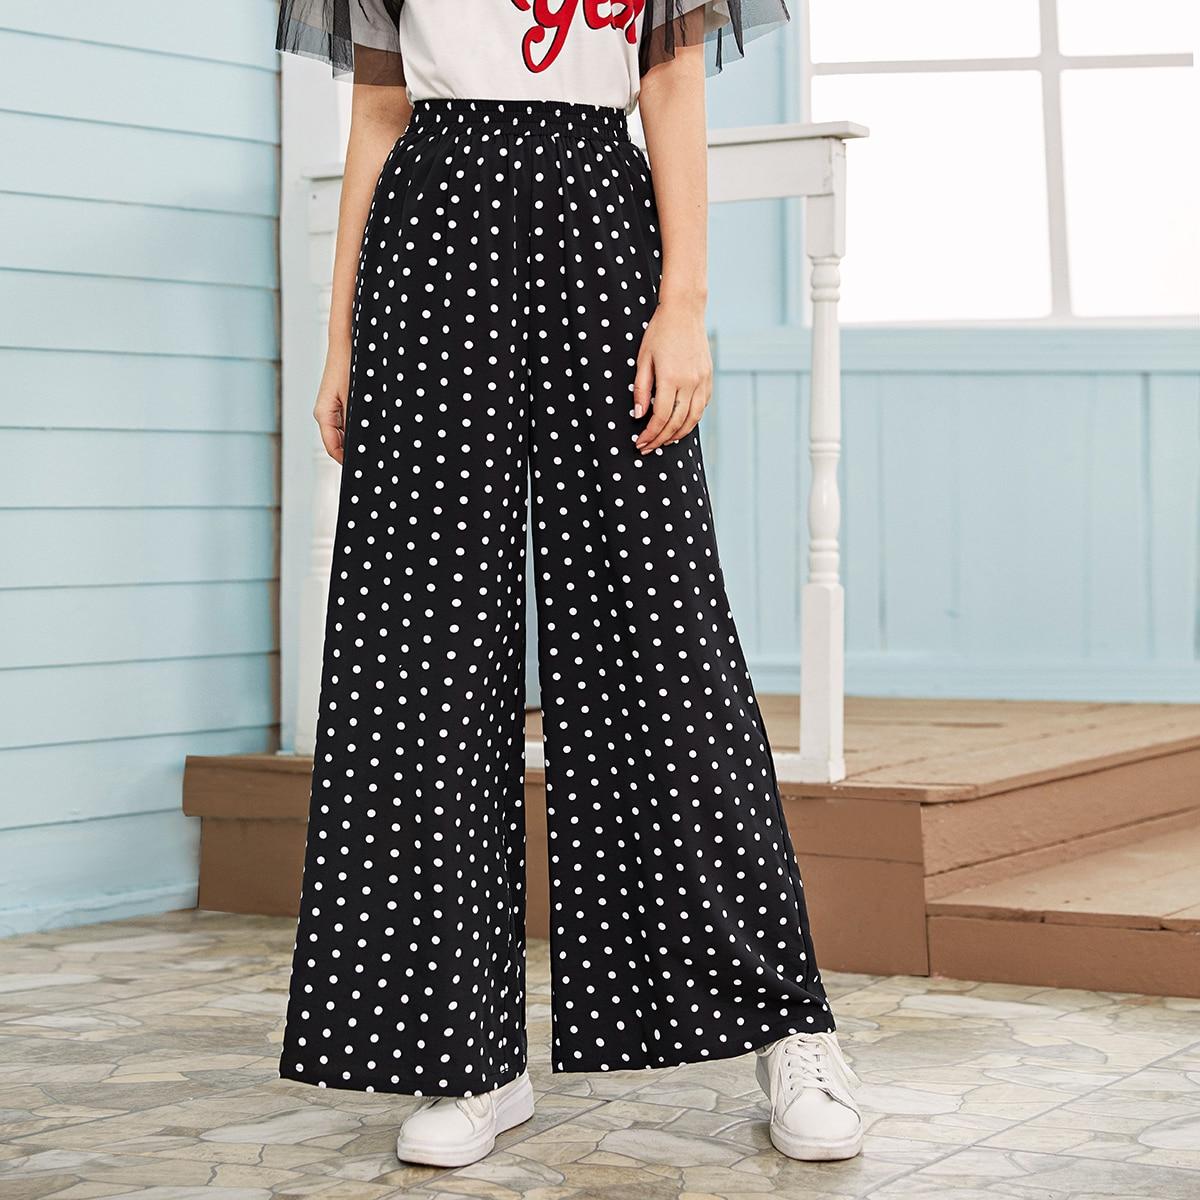 Hosen mit elastischer Taille und weitem Beinschnitt